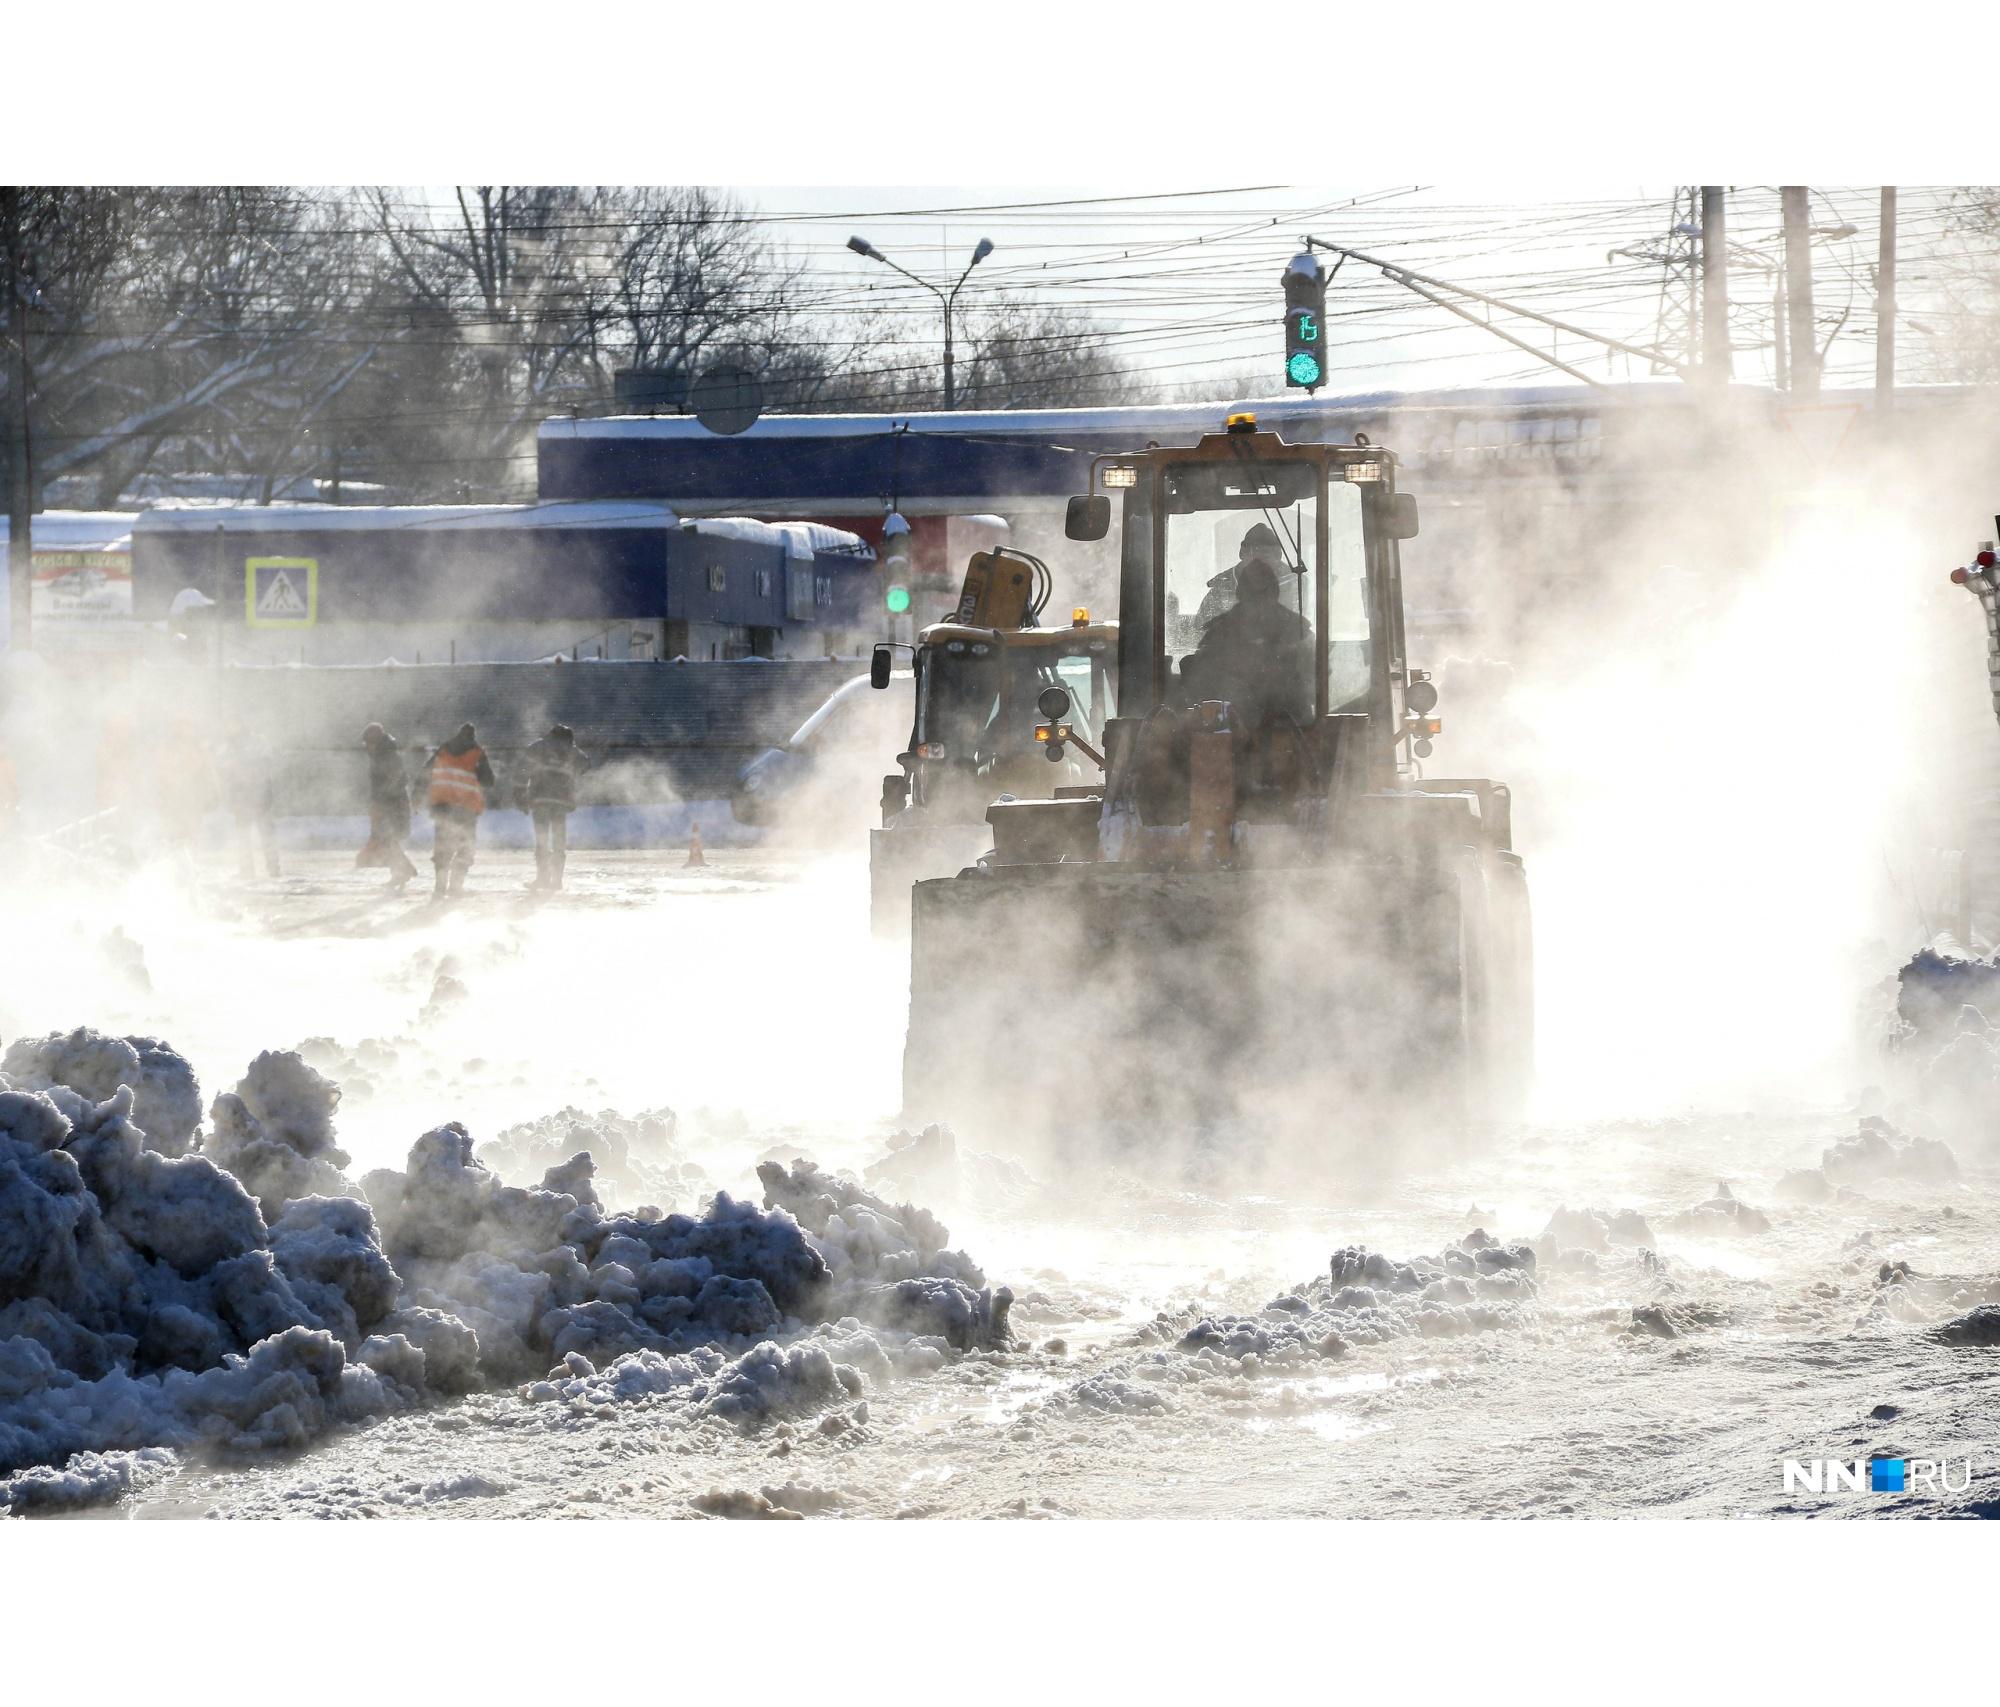 Ковалихинская этим утром была похожа на термальный источник в горах